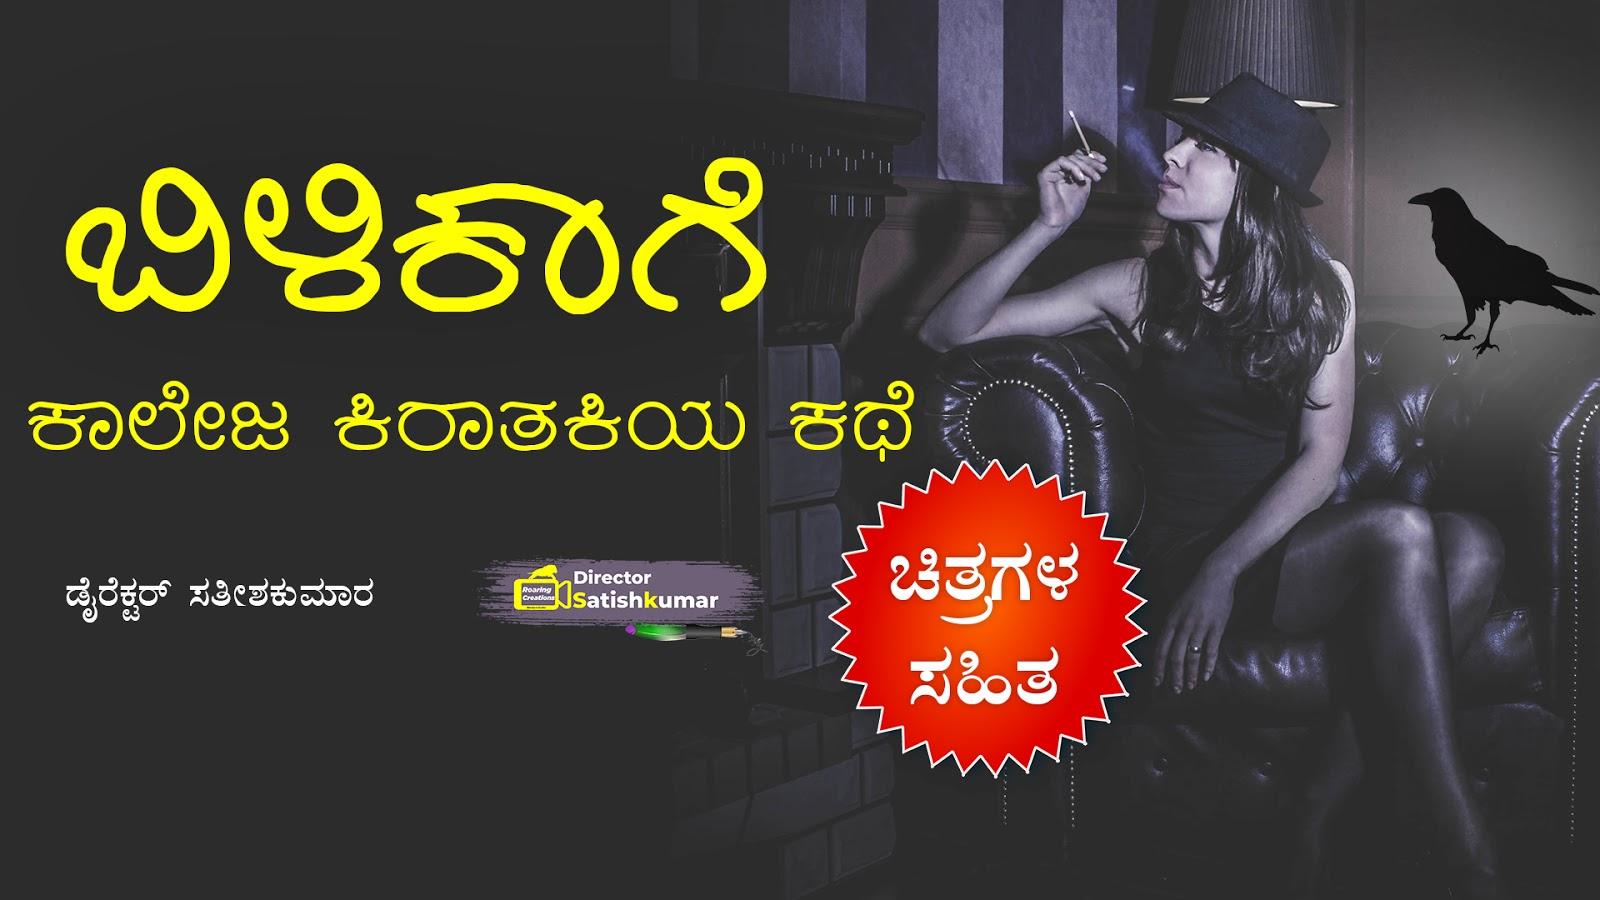 ಬಿಳಿಕಾಗೆ : ಕಾಲೇಜ ಕಿರಾತಕಿಯ ಕಥೆ - Kannada Short Story - Kannada Moral Story